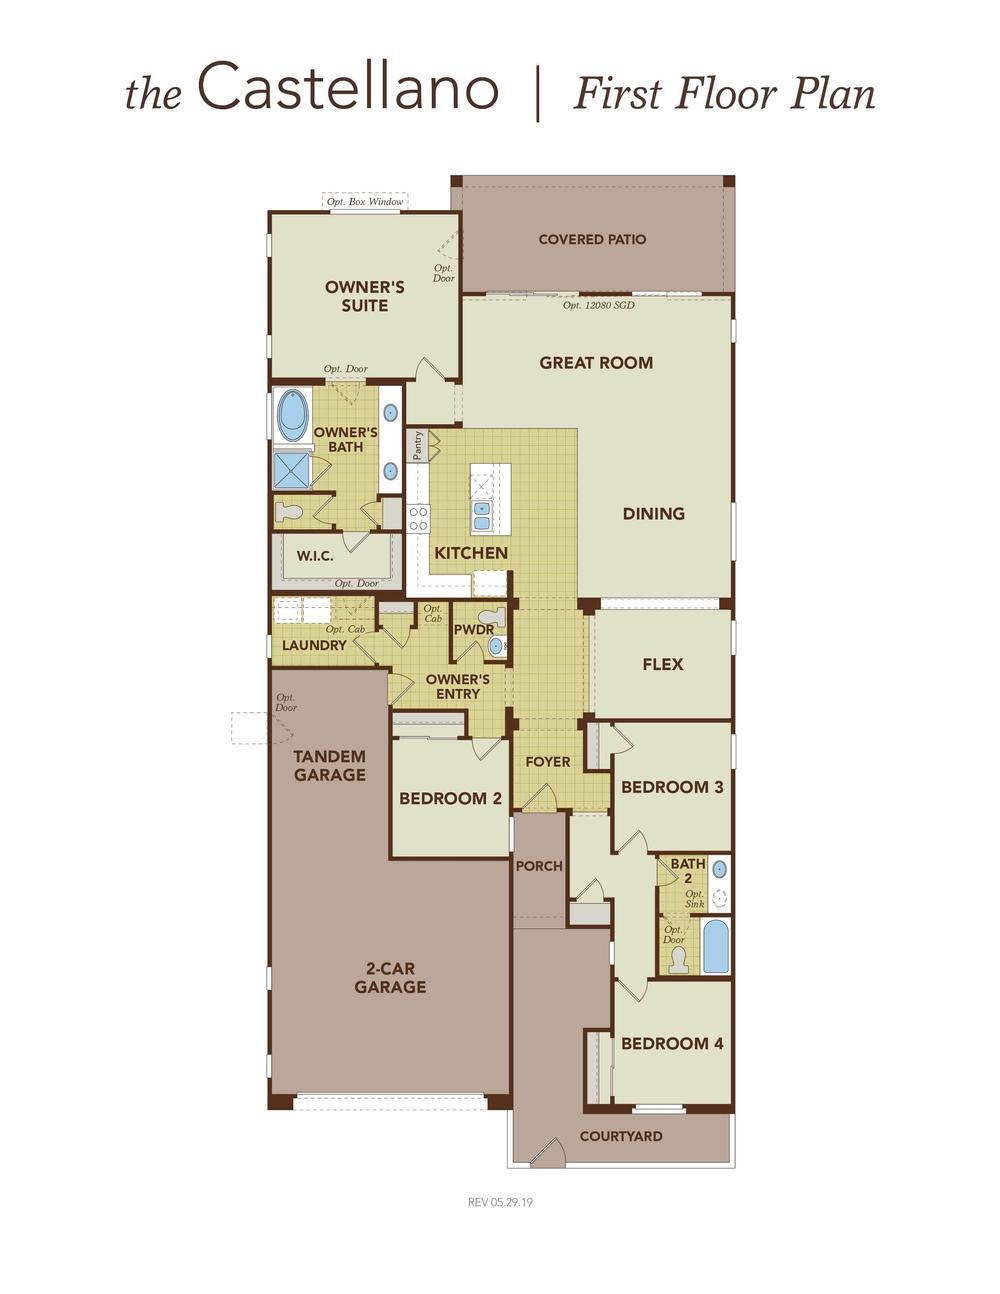 Castellano First Floor Plan